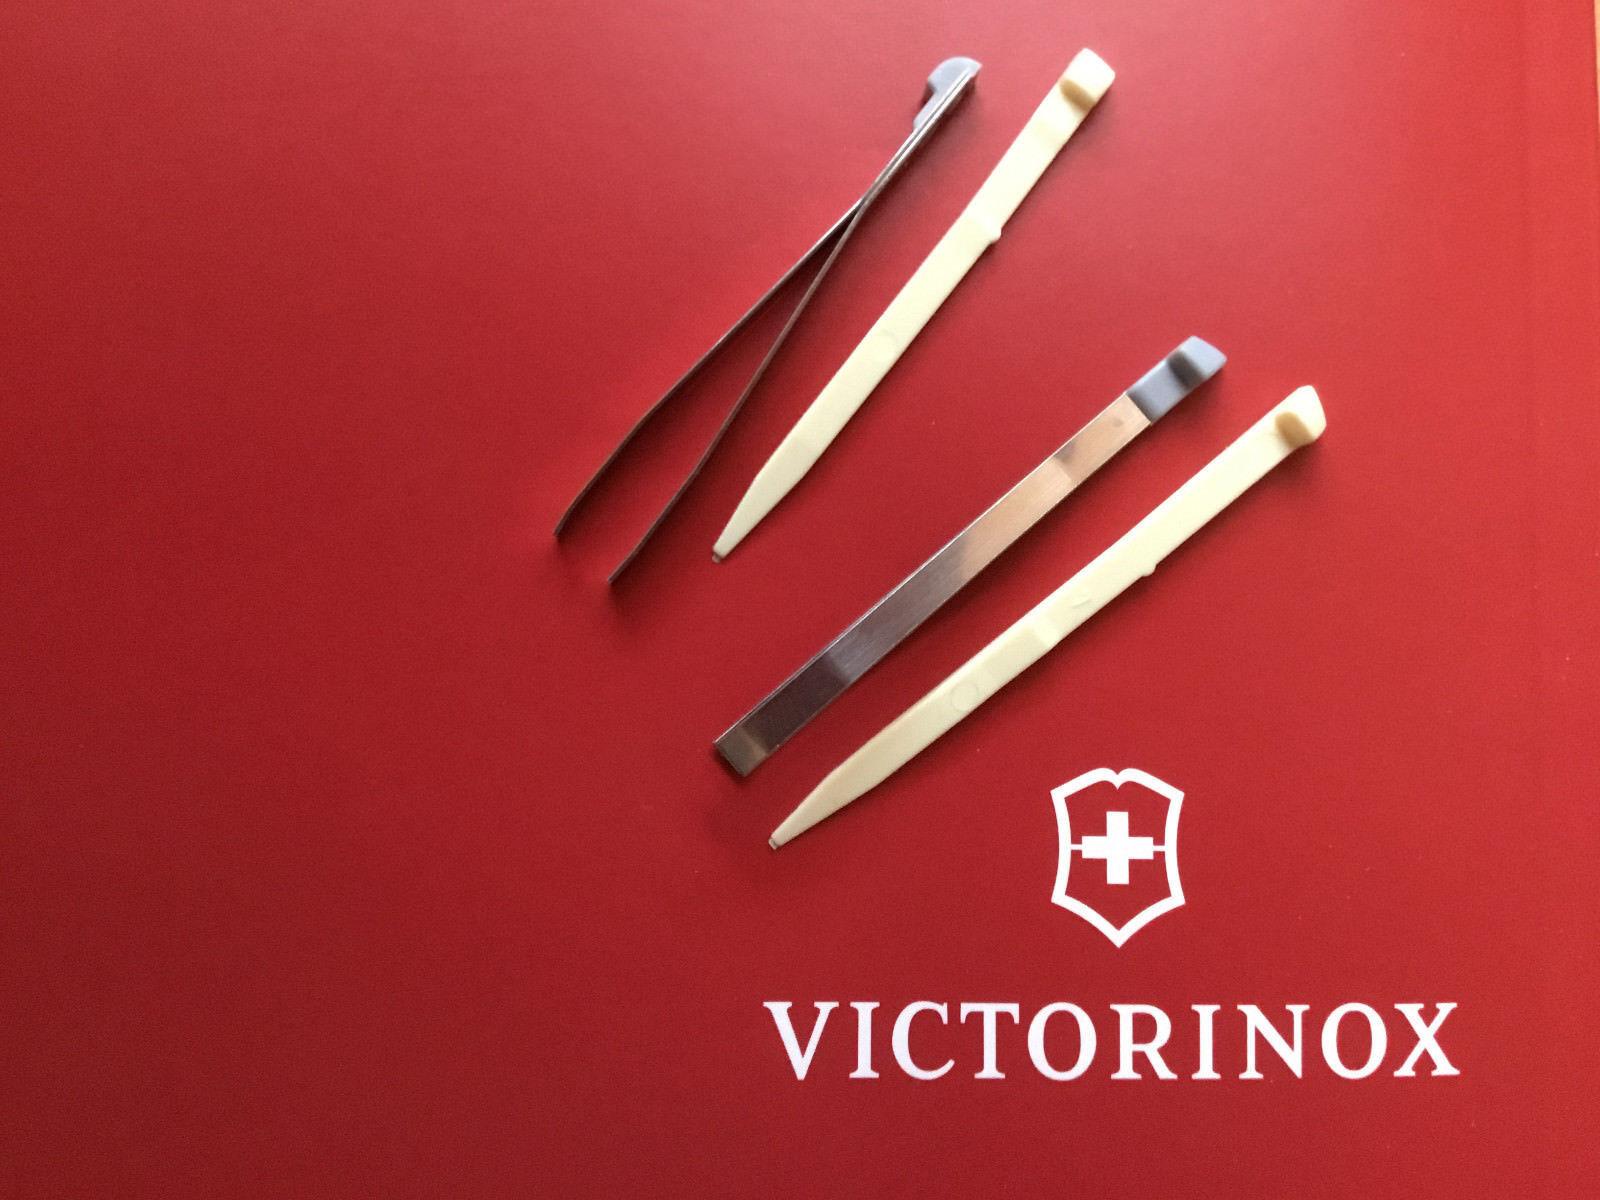 2 Paar Zahnstocher und Pinzette Victorinox schweizer Taschenmesser gross u klein